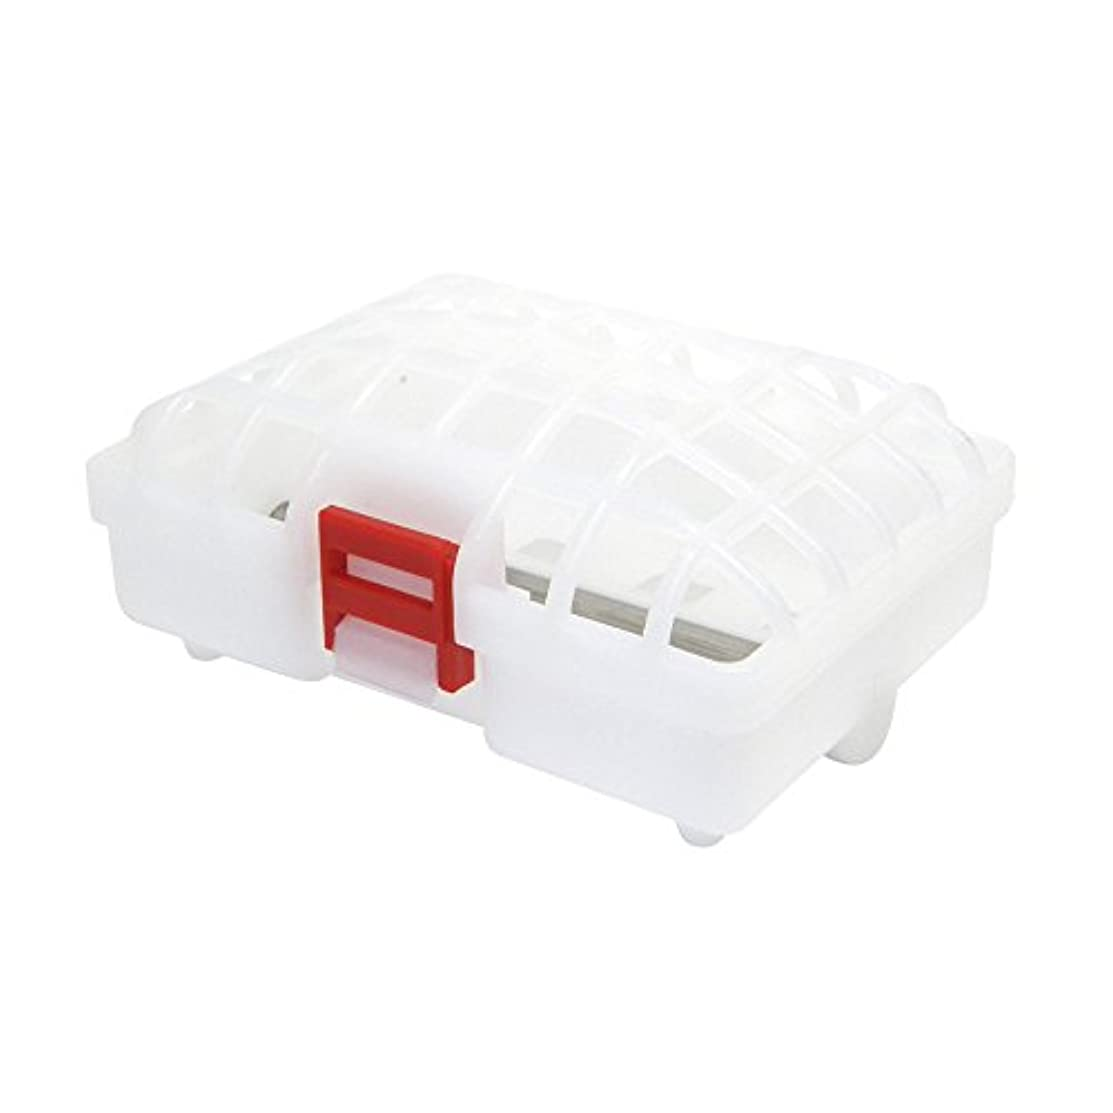 ミット電気陽性減衰水素バス専用容器